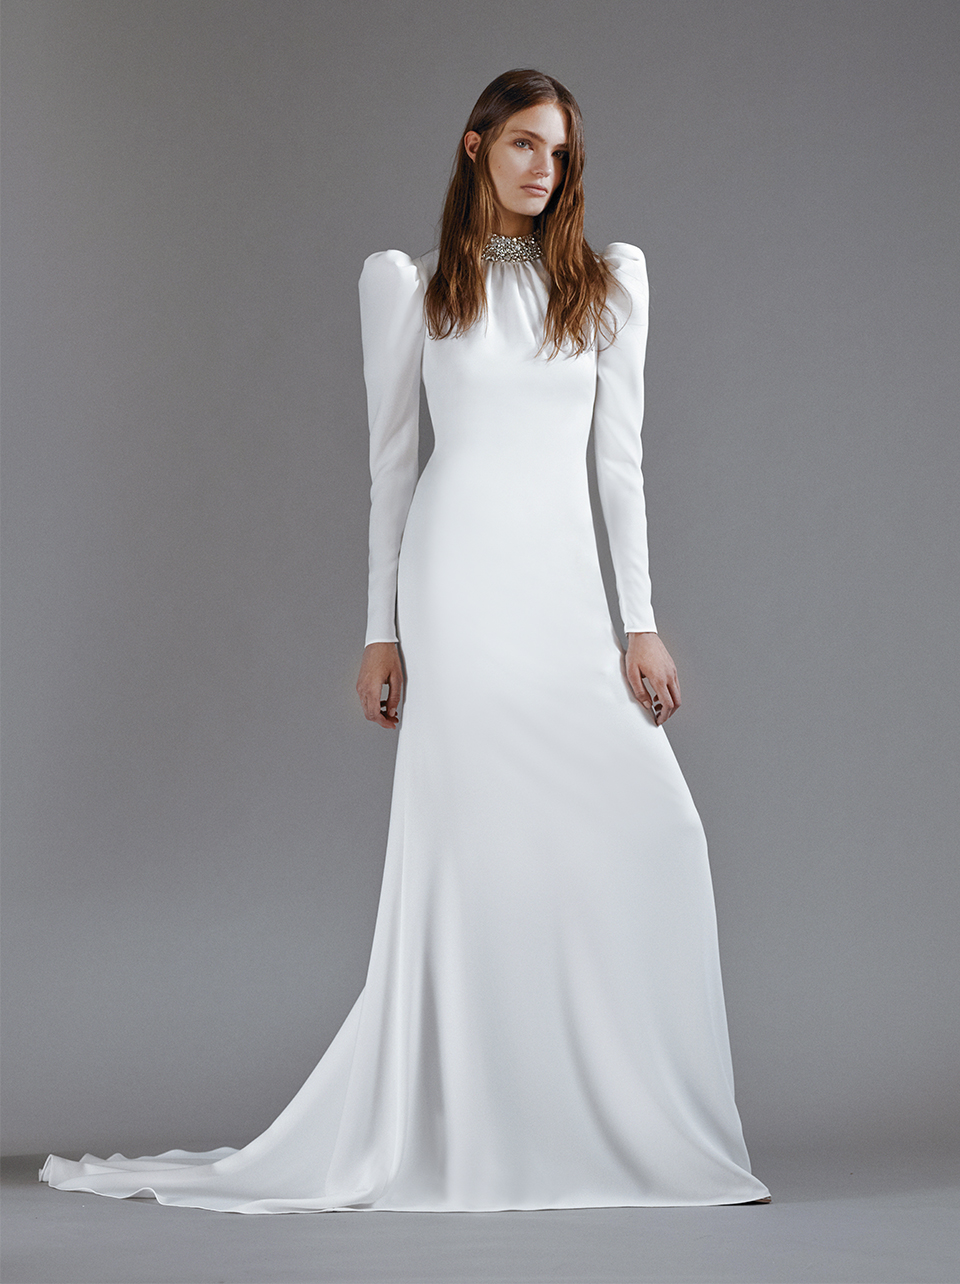 Ruby Wedding Dress by Galia Lahav